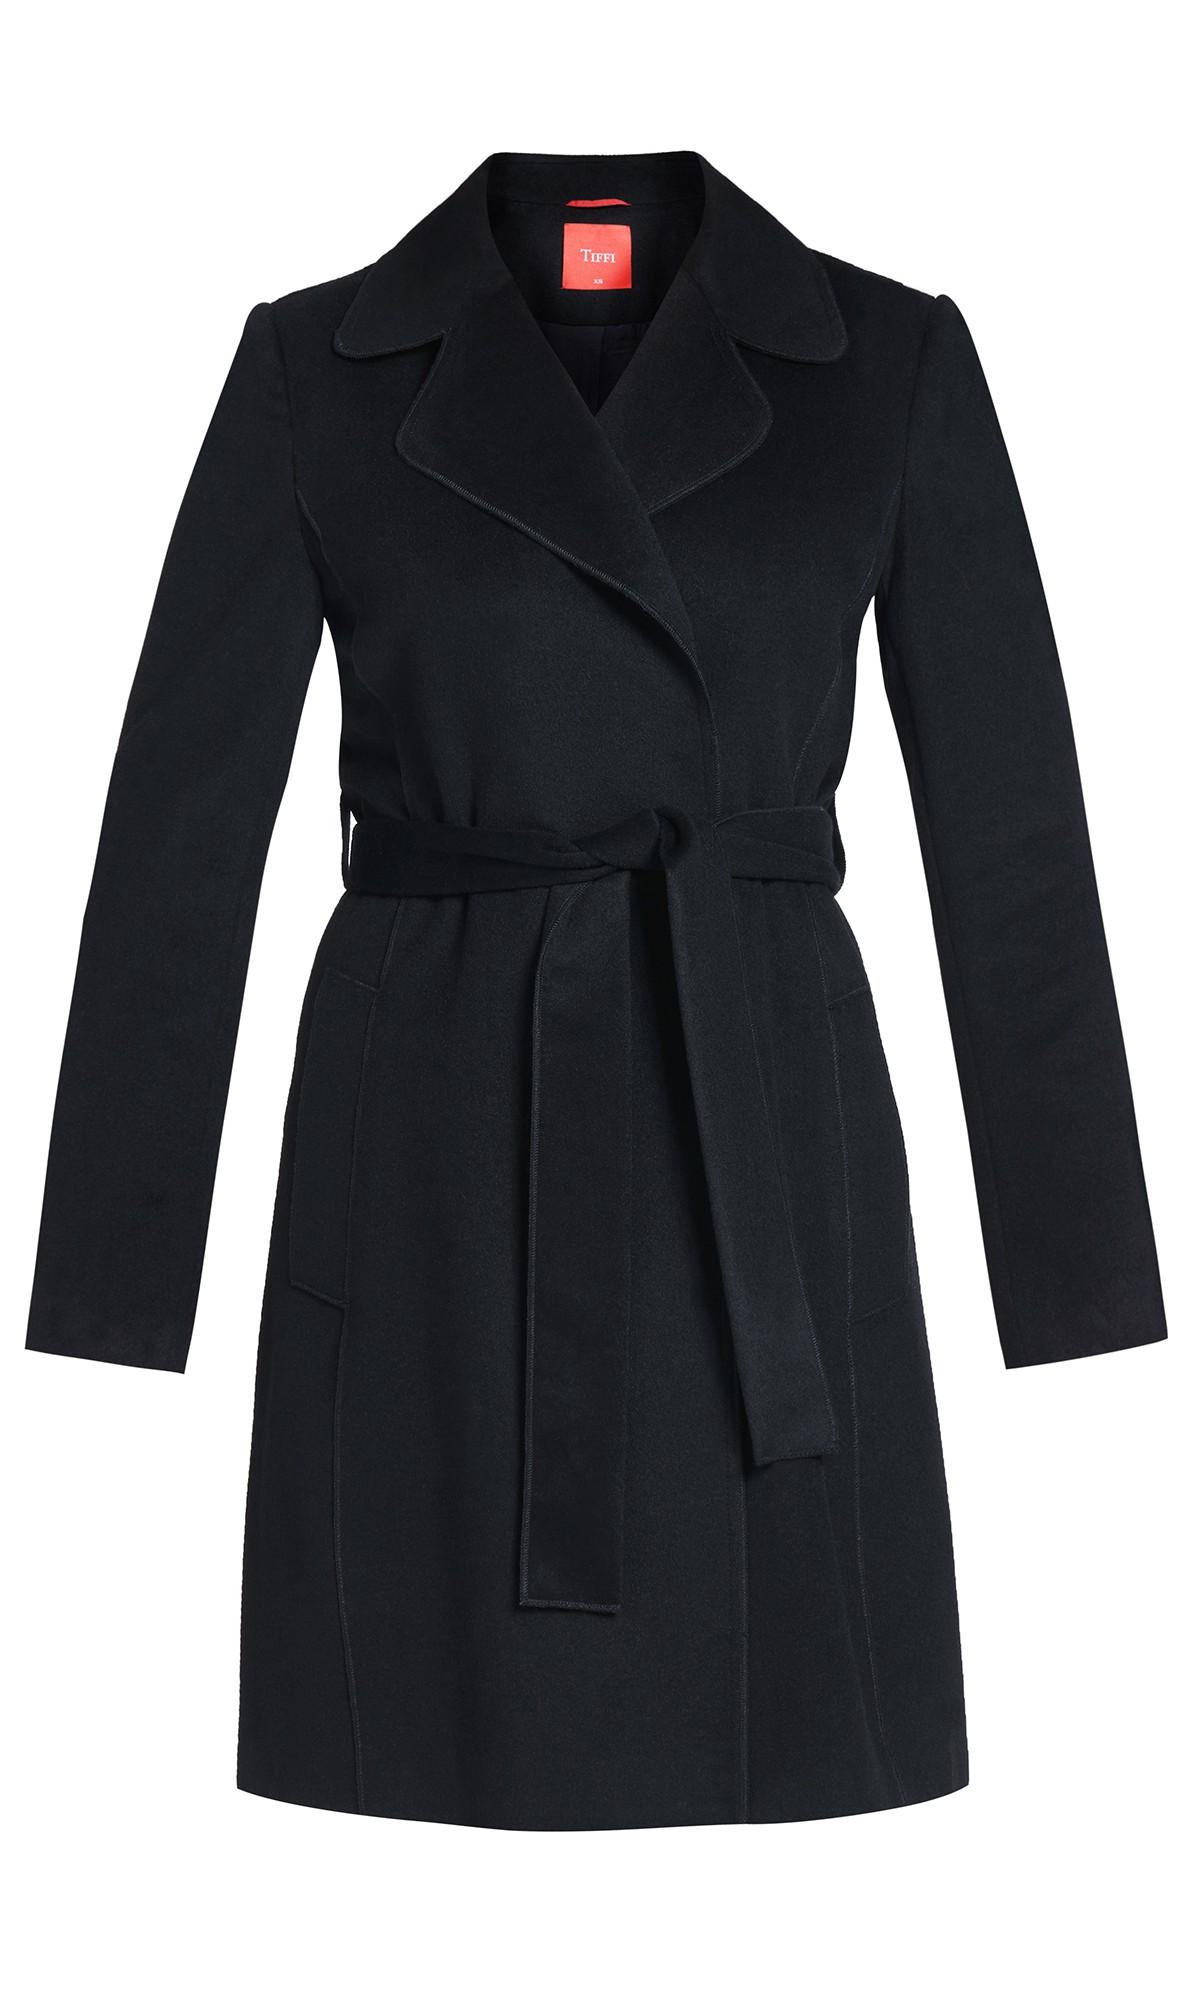 płaszcz Tiffi z kaszmirem i wełną, wiązany w pasie w kolorze czarnym